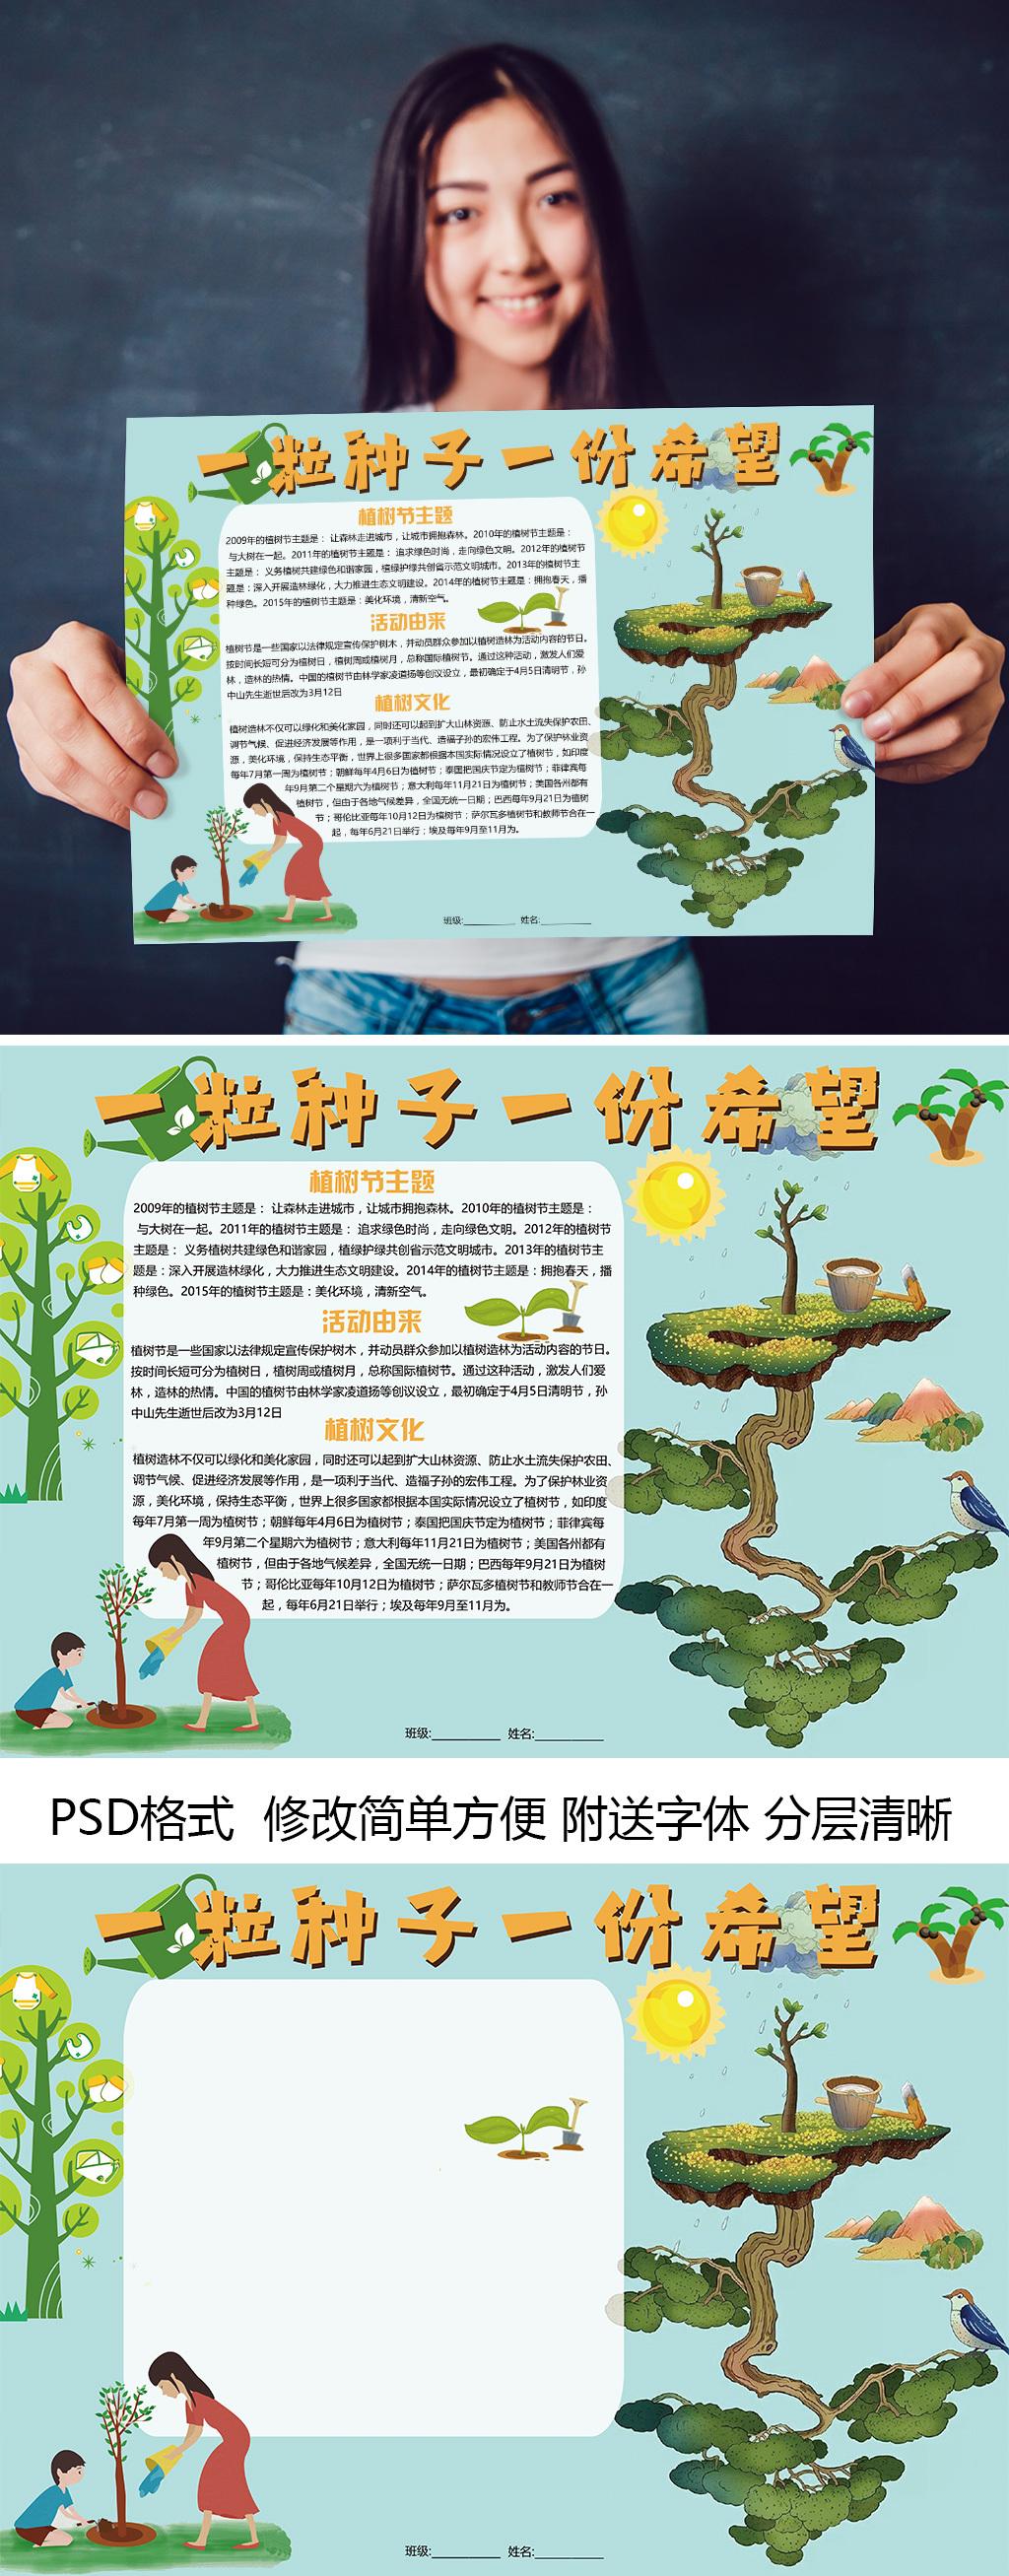 美化环境植树节手抄报模板设计